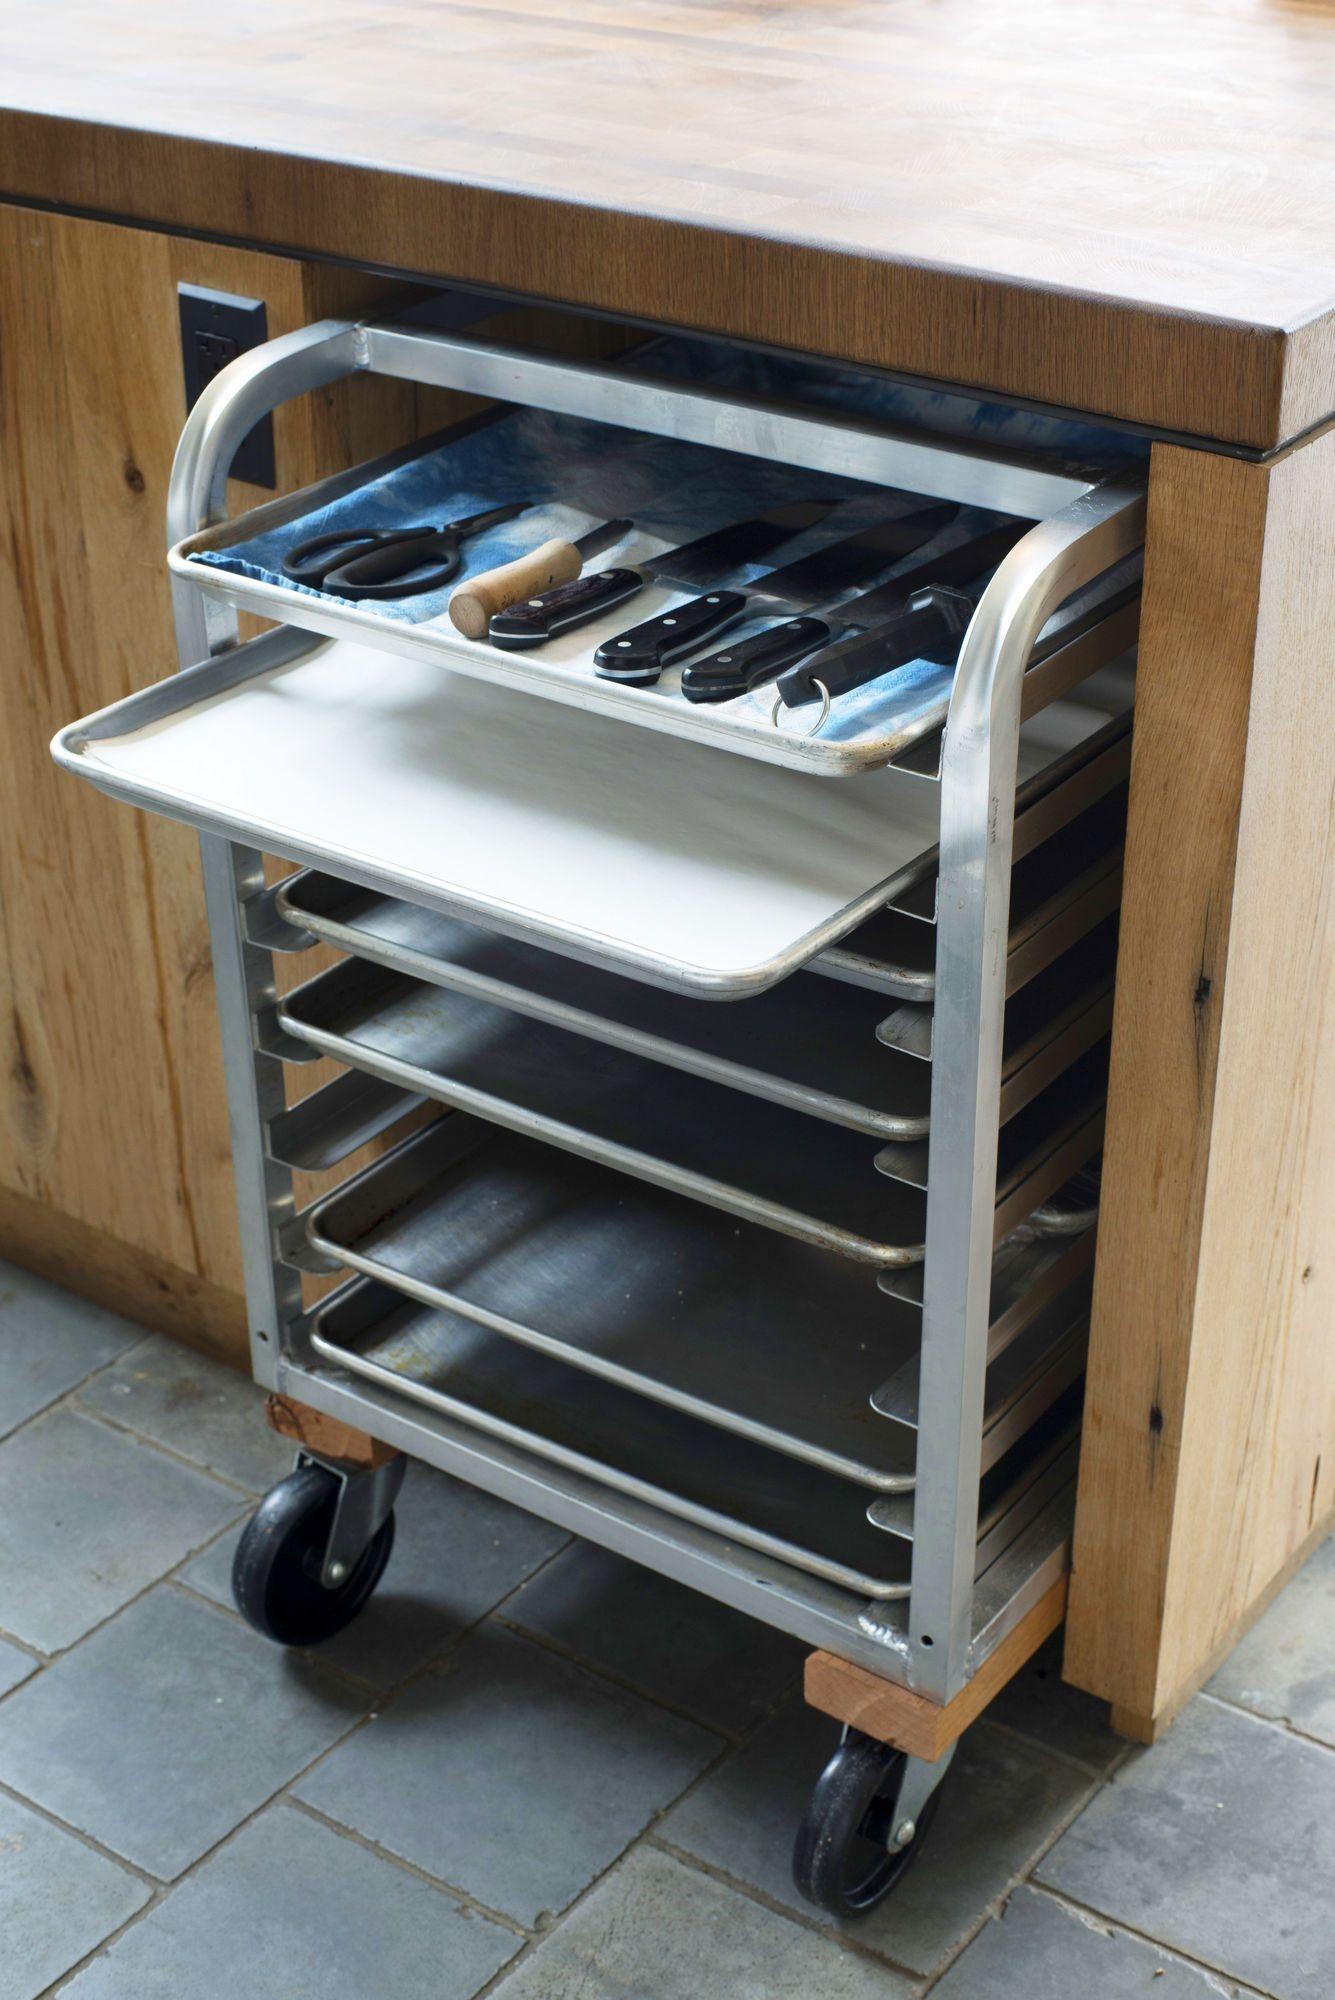 Elegant Kitchen Organization Ideas For Your Kitchen05